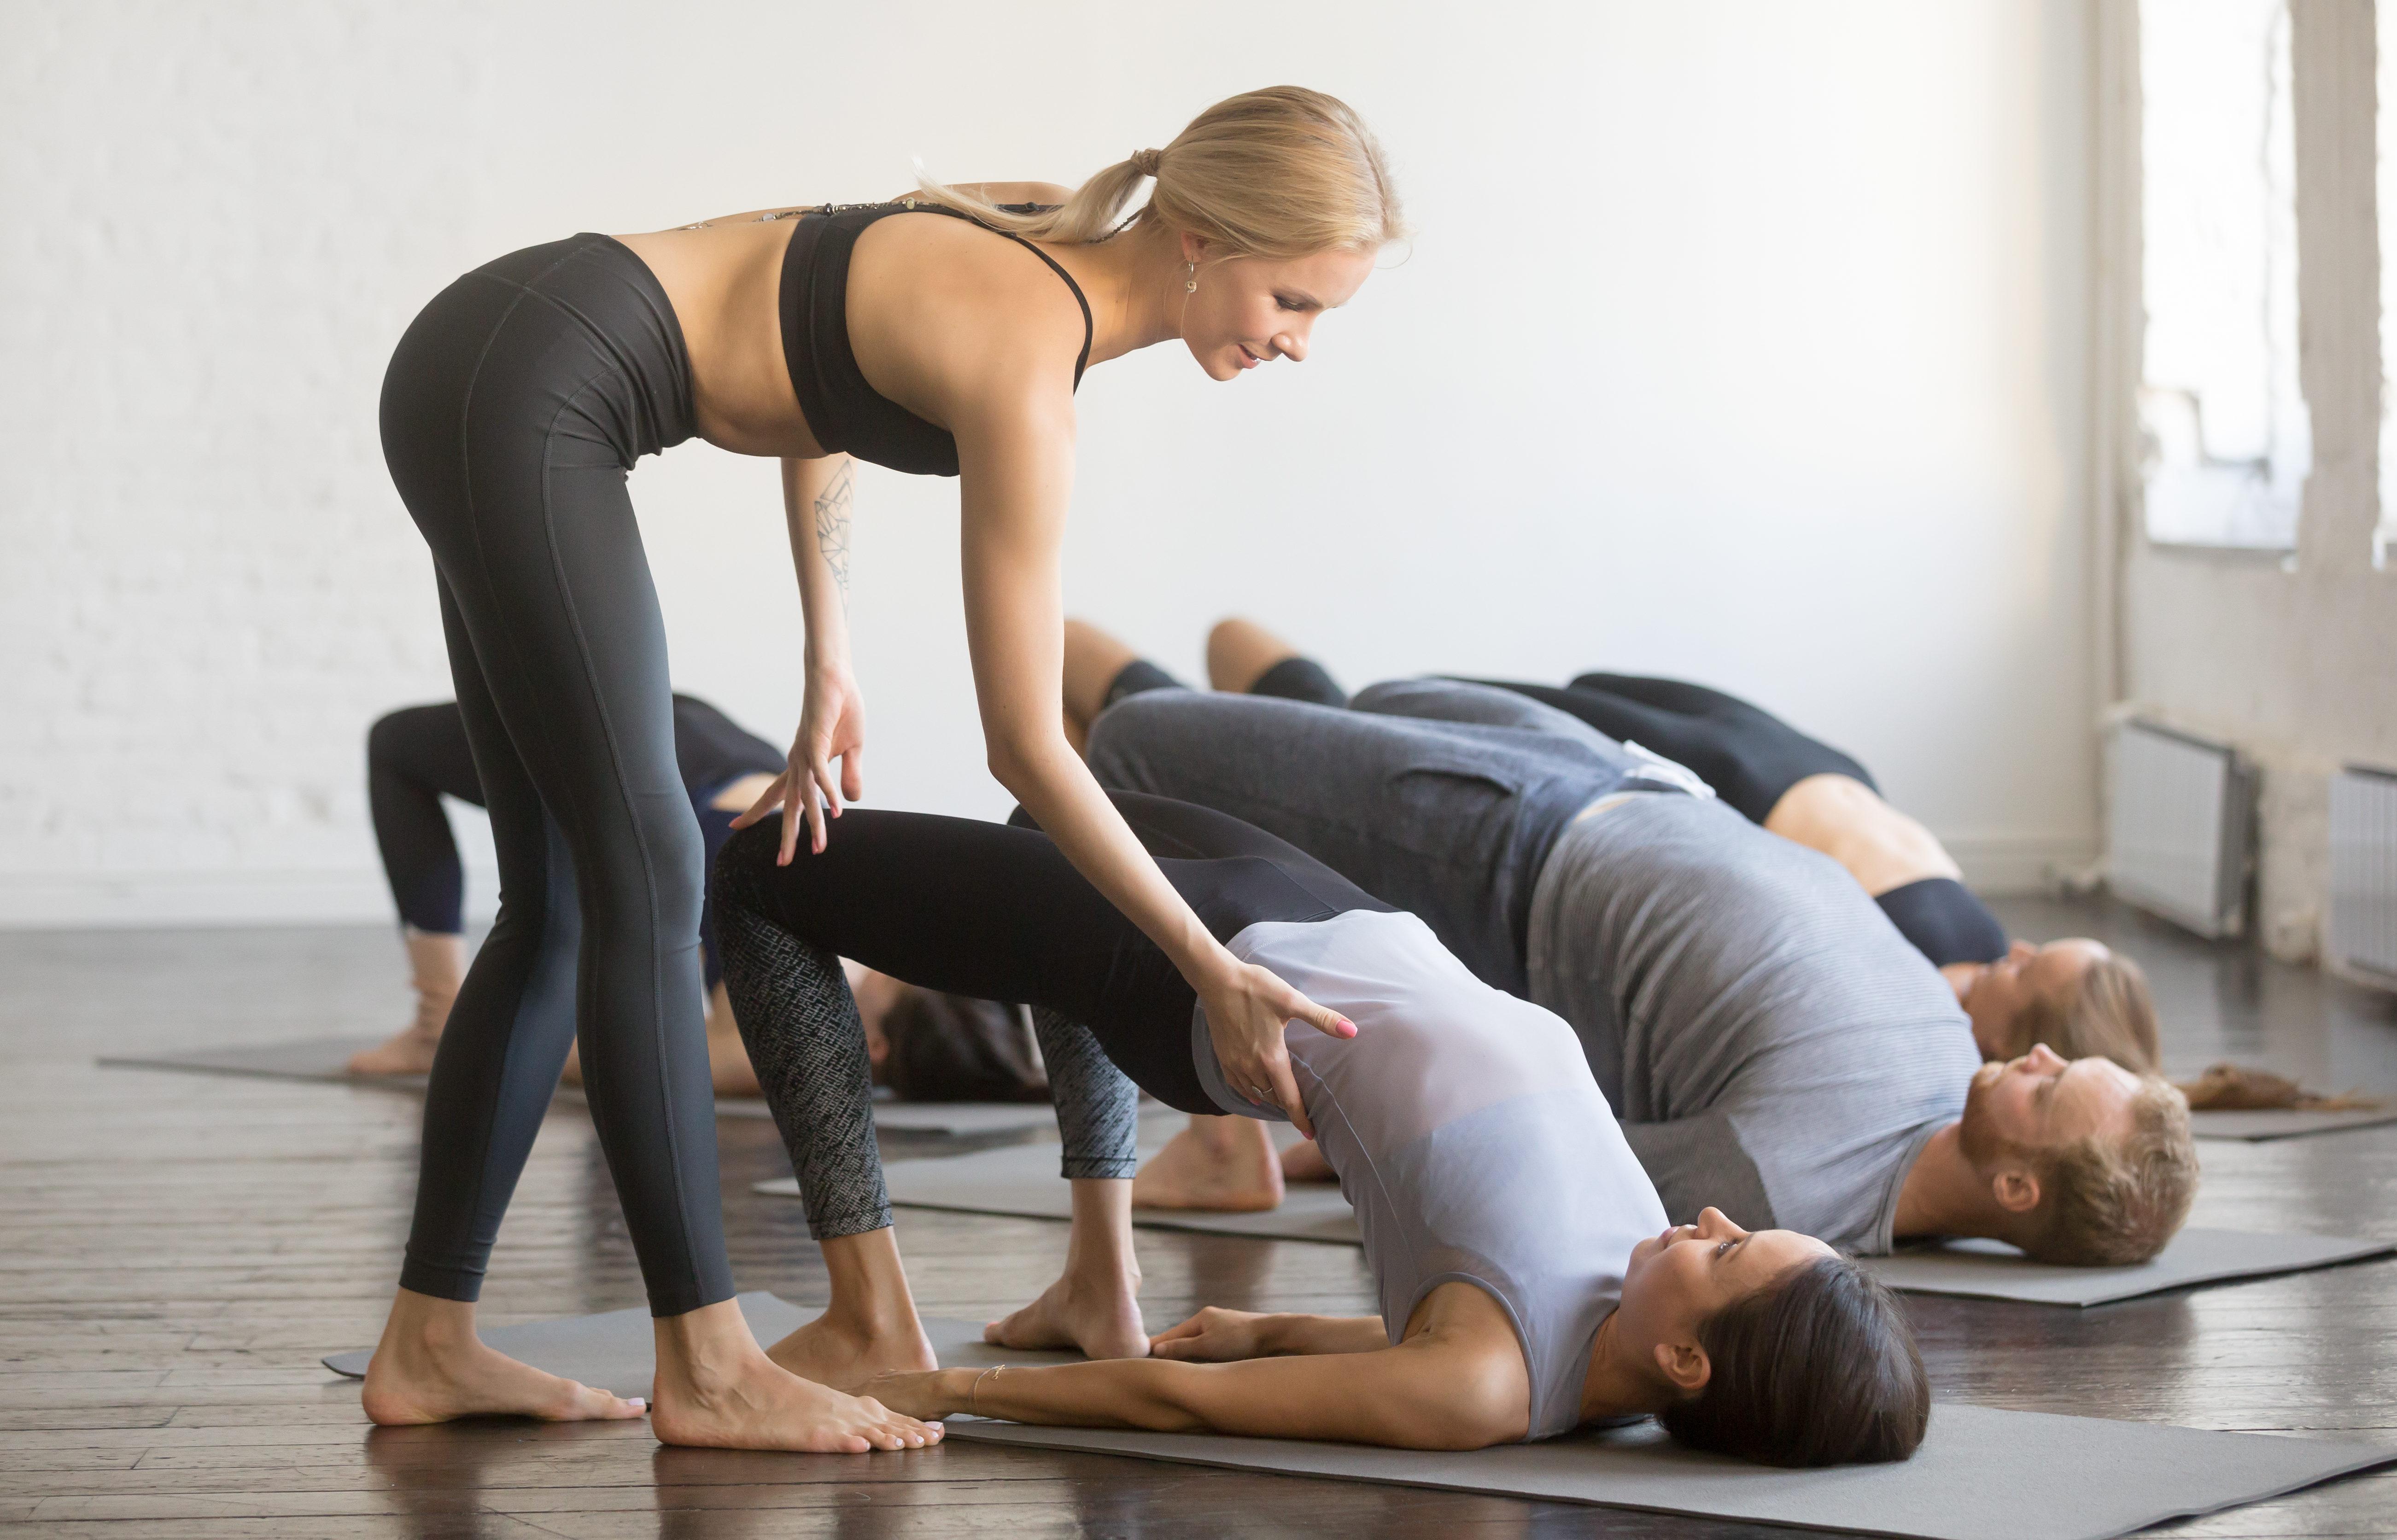 Йога для схуднення для початківців: 21 поза для практики в домашніх умовах